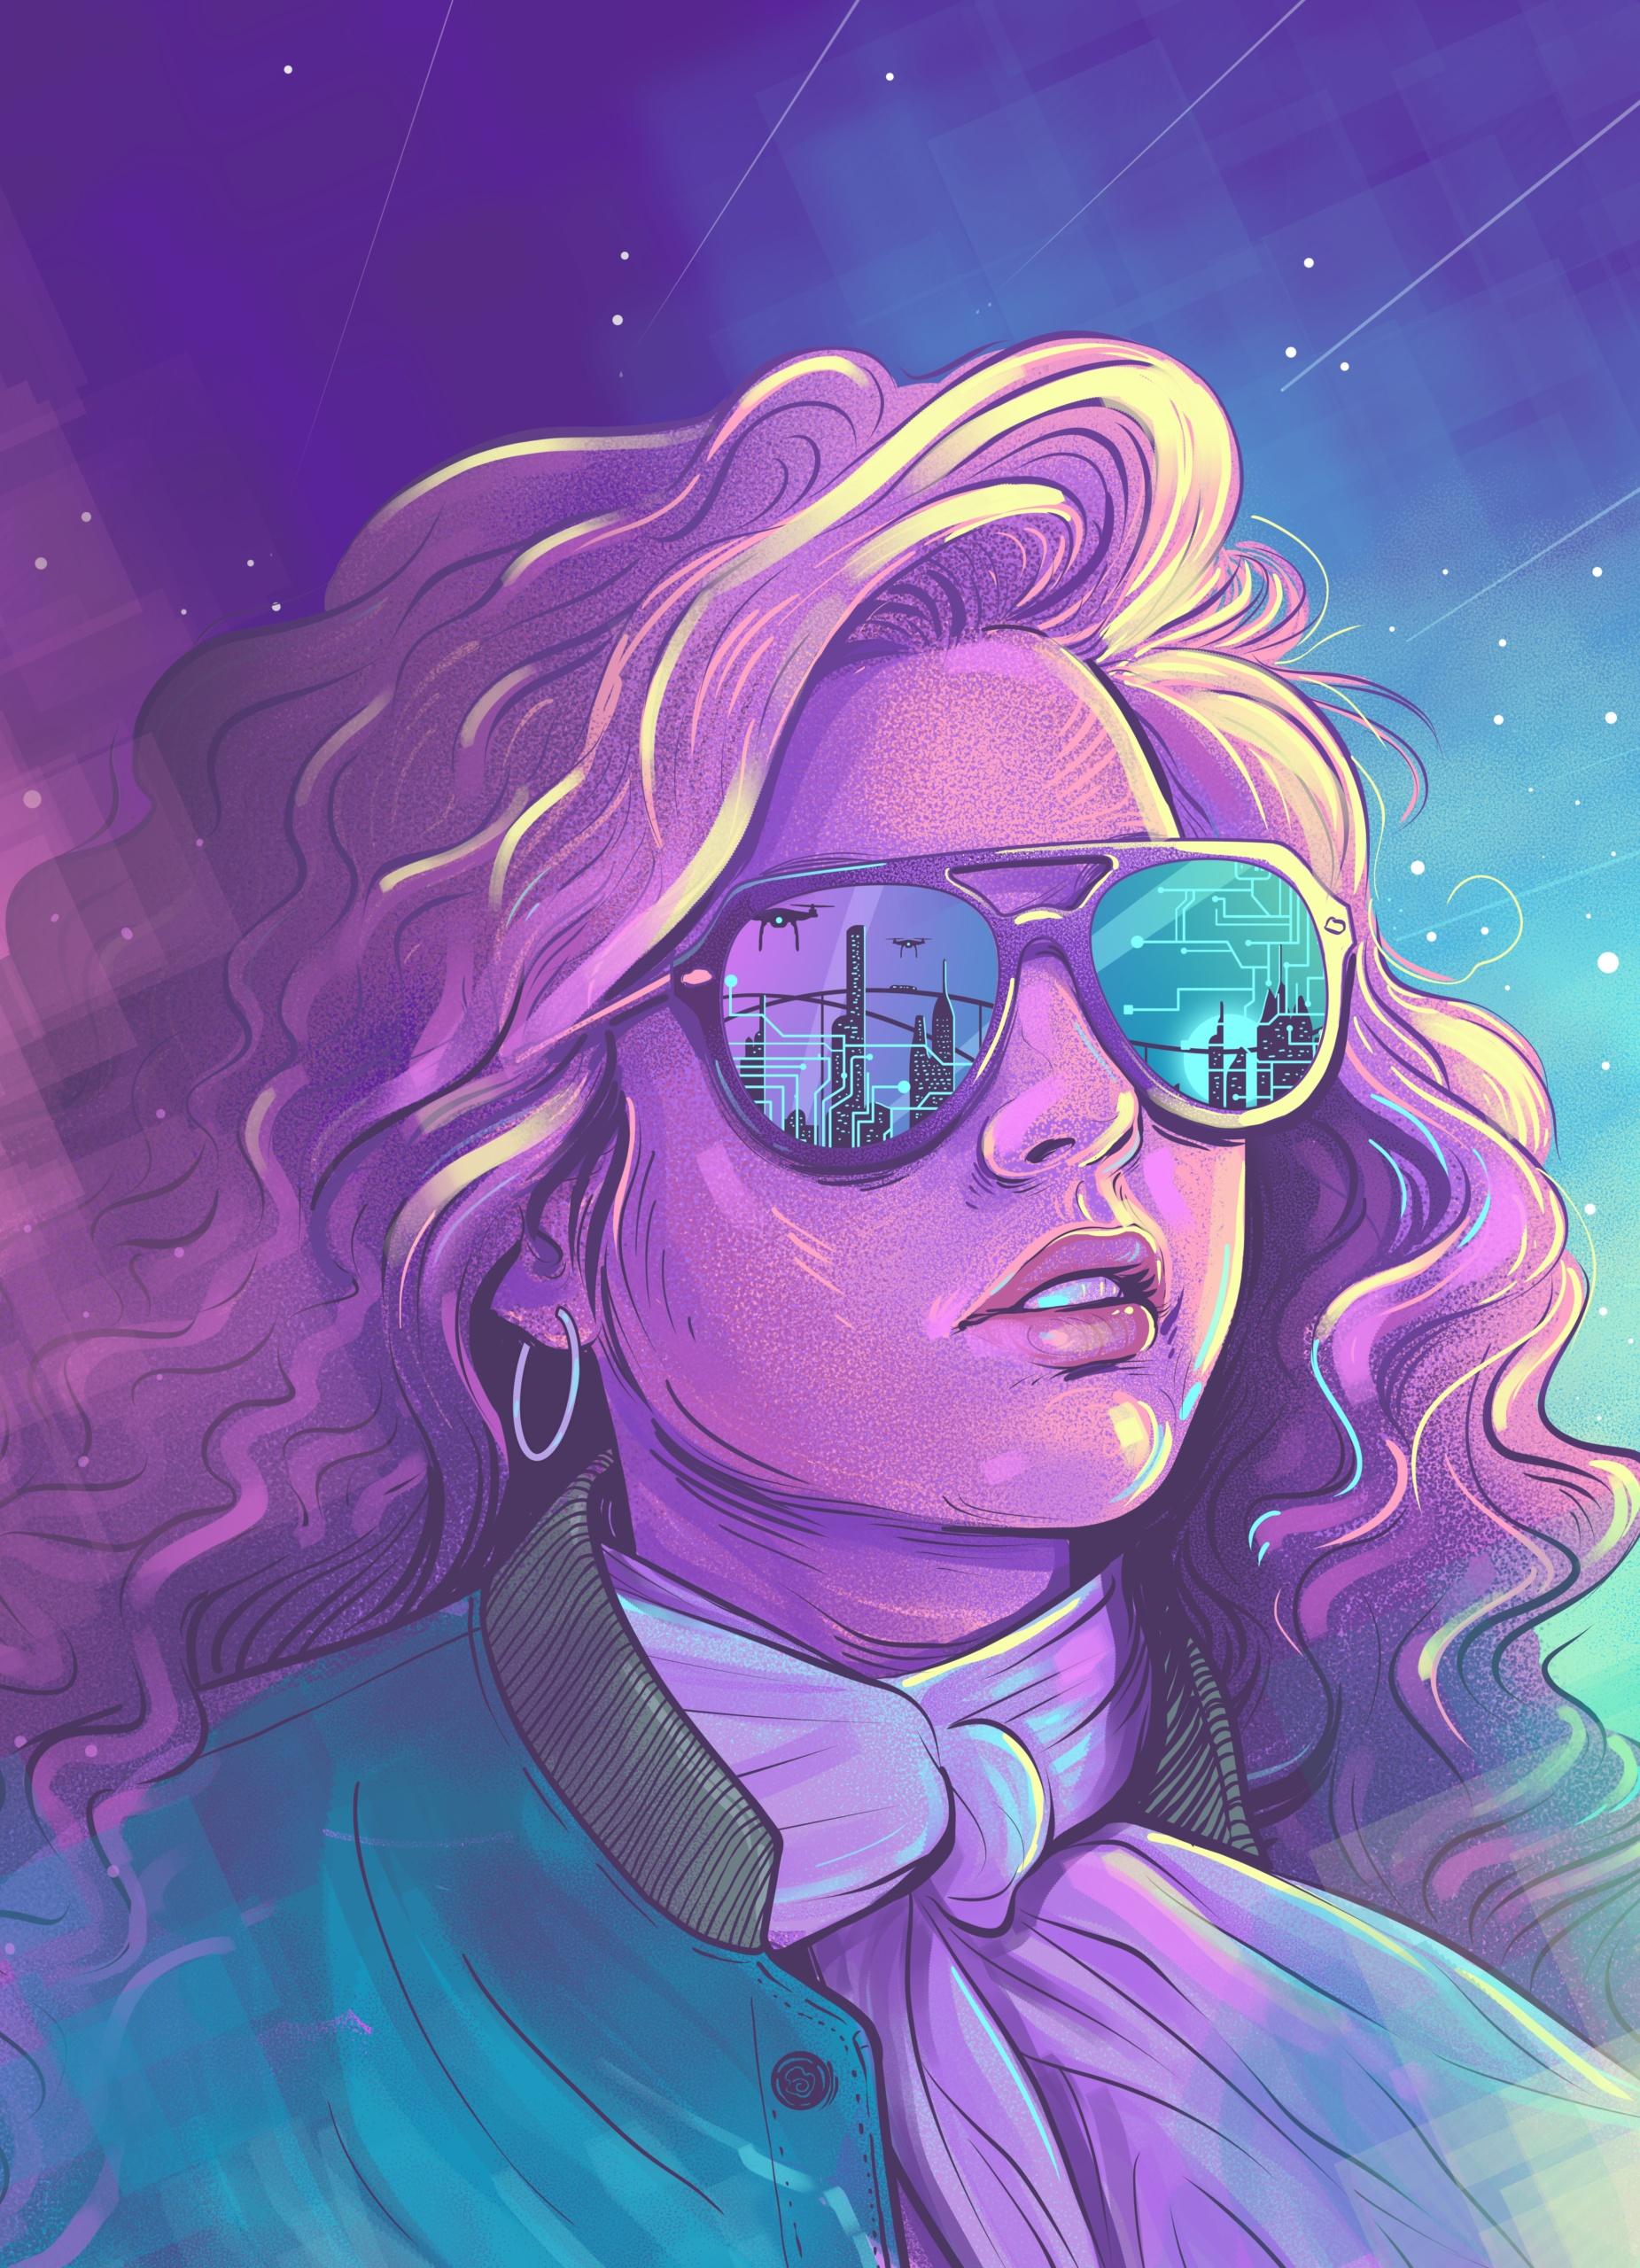 Colorful retro futuristic illustration